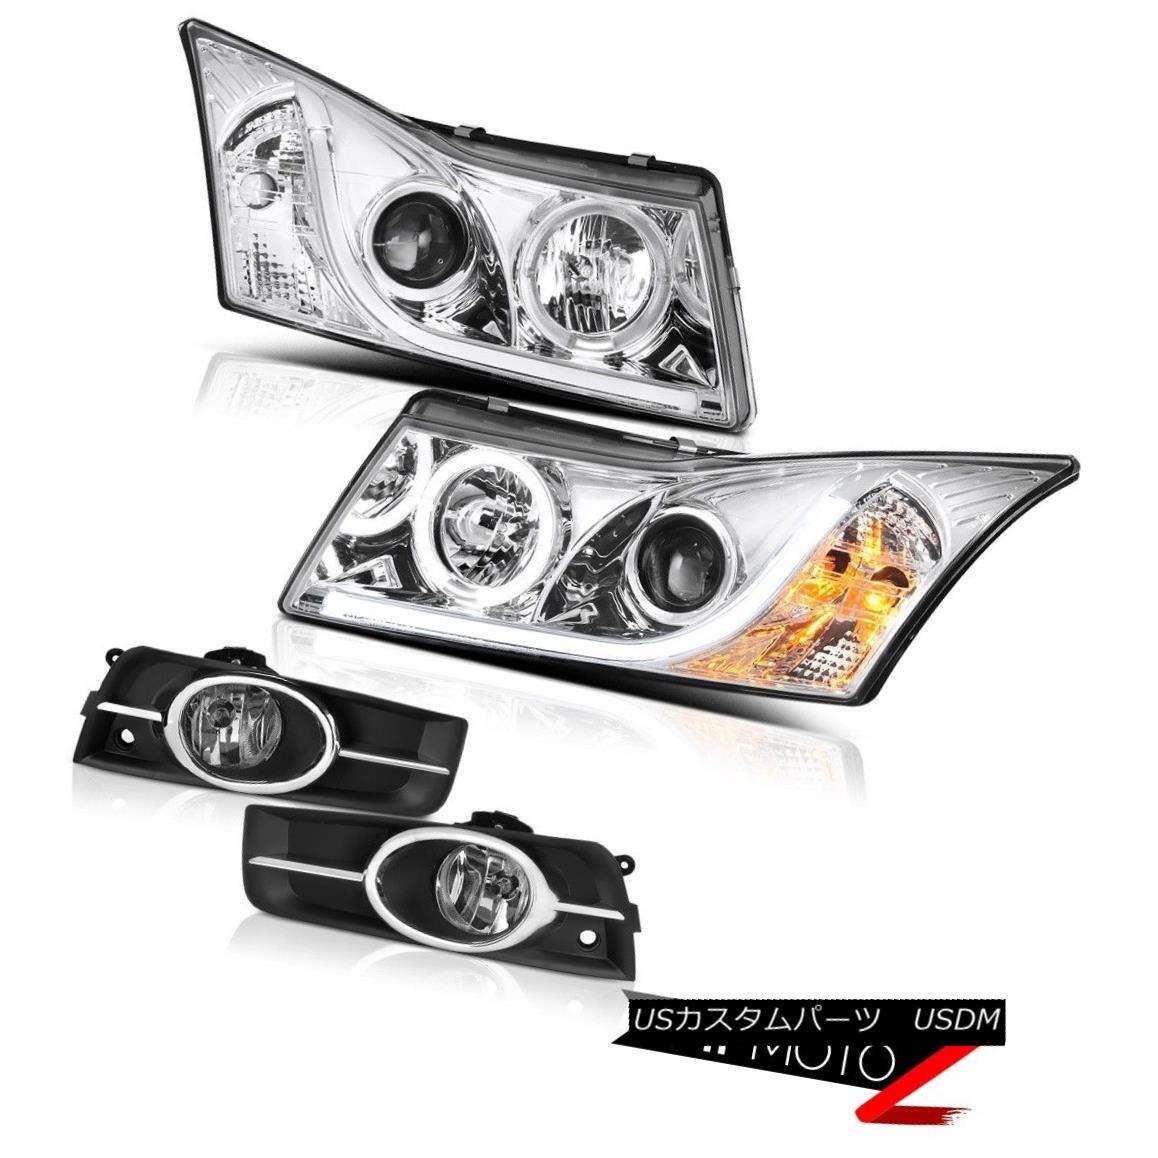 ヘッドライト 2011-2015 Chevy Cruze Euro Foglights Projector Headlights Tron Style Brightest 2011年-2015シボレークルーズユーロフォグライトプロジェクターヘッドライトトロンスタイル最も明るい